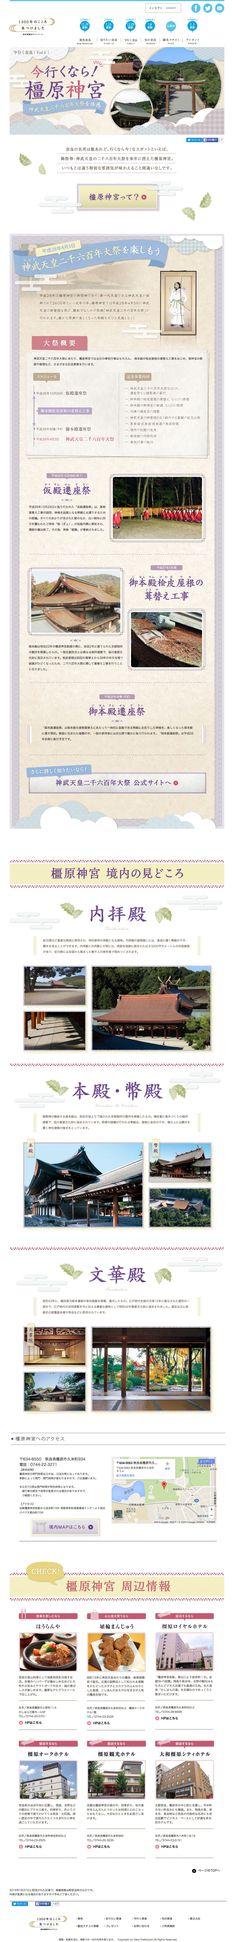 橿原神宮特集/奈良県観光キャンペーンサイト - 紫を基調にした淡い色合いの和風なデザイン|webdesign, design, japanese, campaign